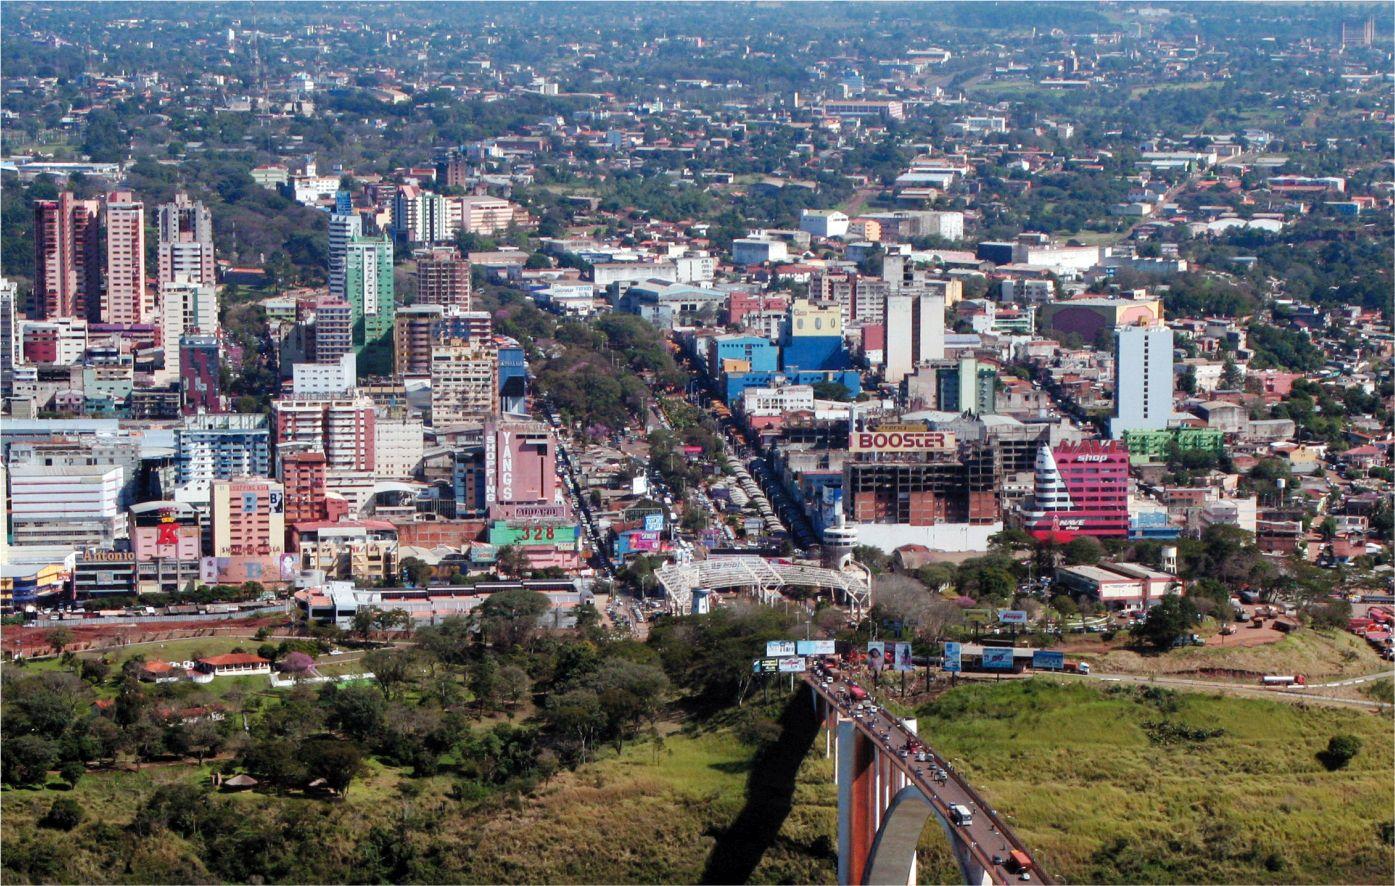 O que saber antes de ir ao Paraguay?